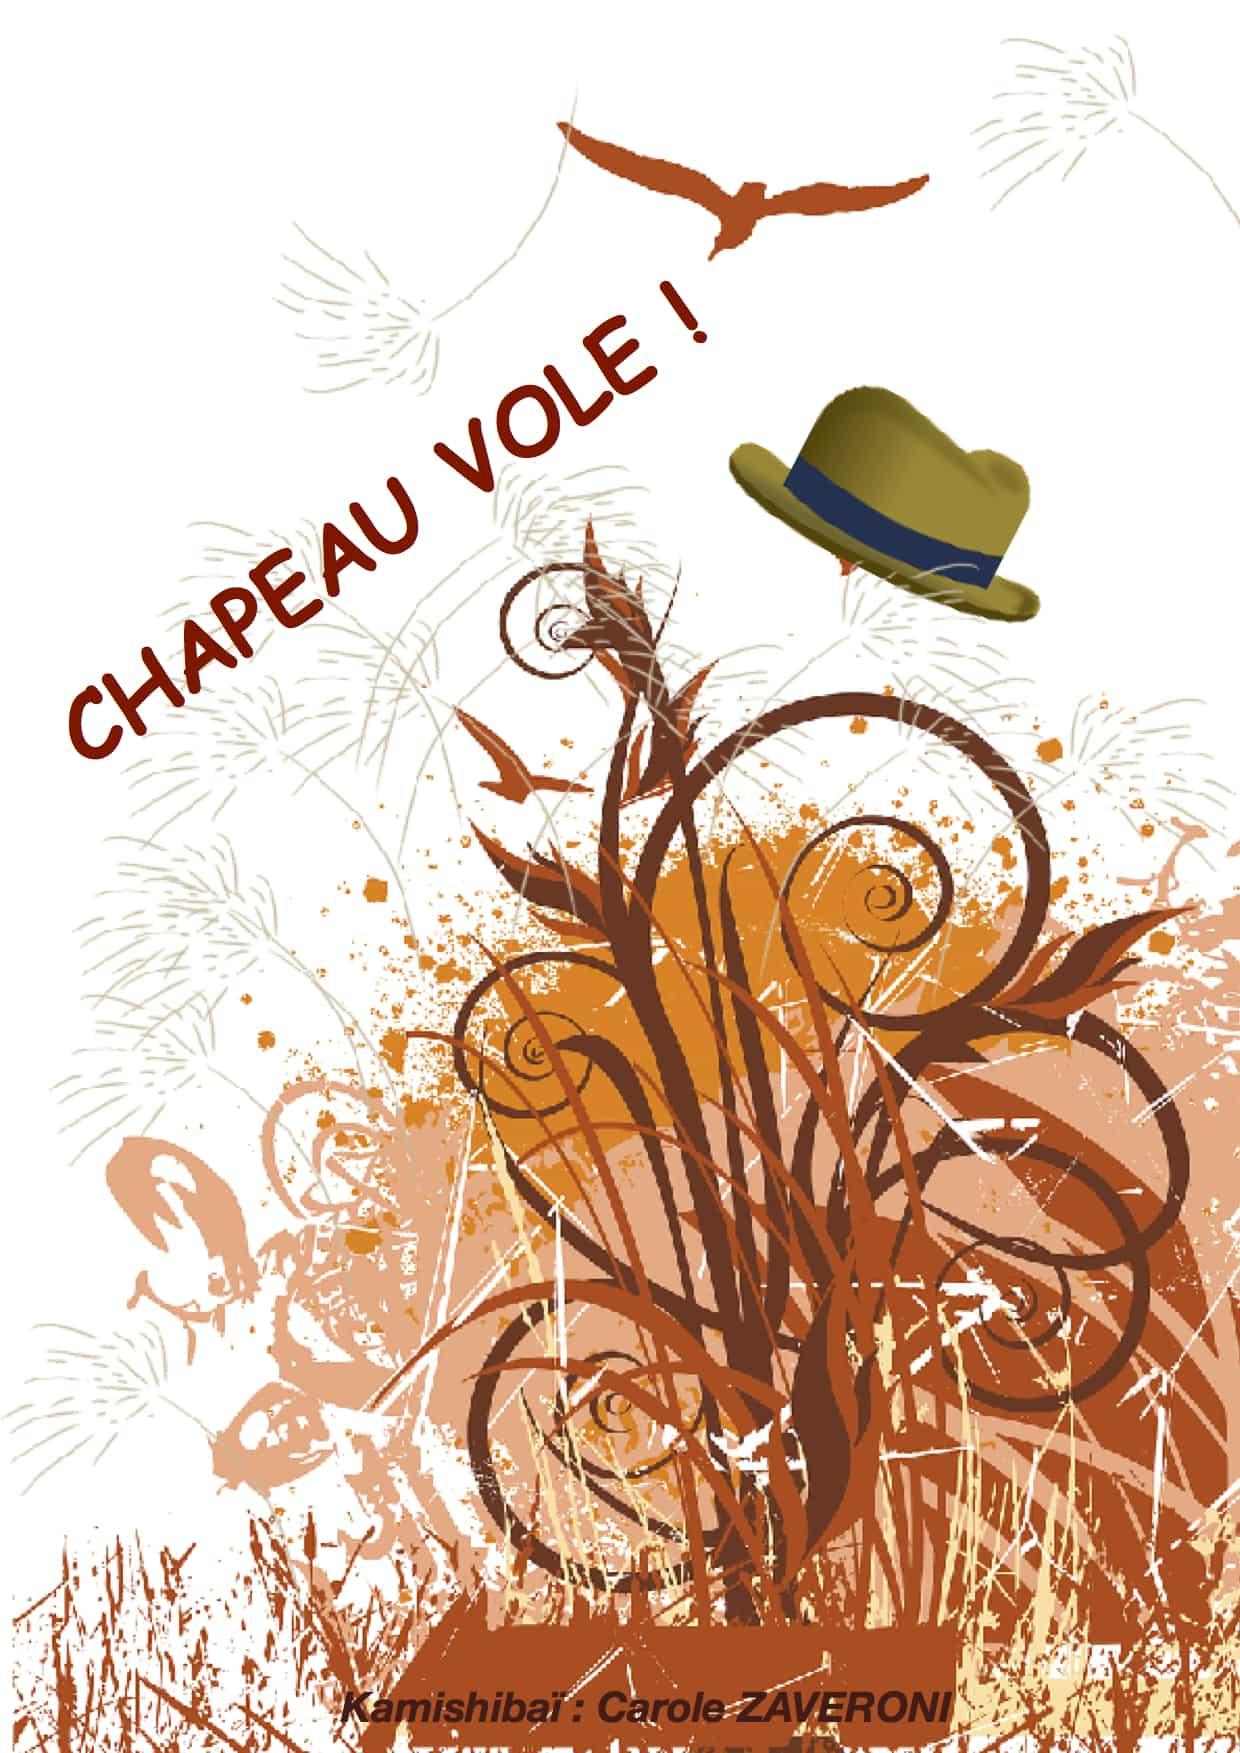 Chapeau Vole - Kamishibaï - Carole Zaveroni - Théâtre L'Art Dû - 13006 - Marseille - spectacle enfant